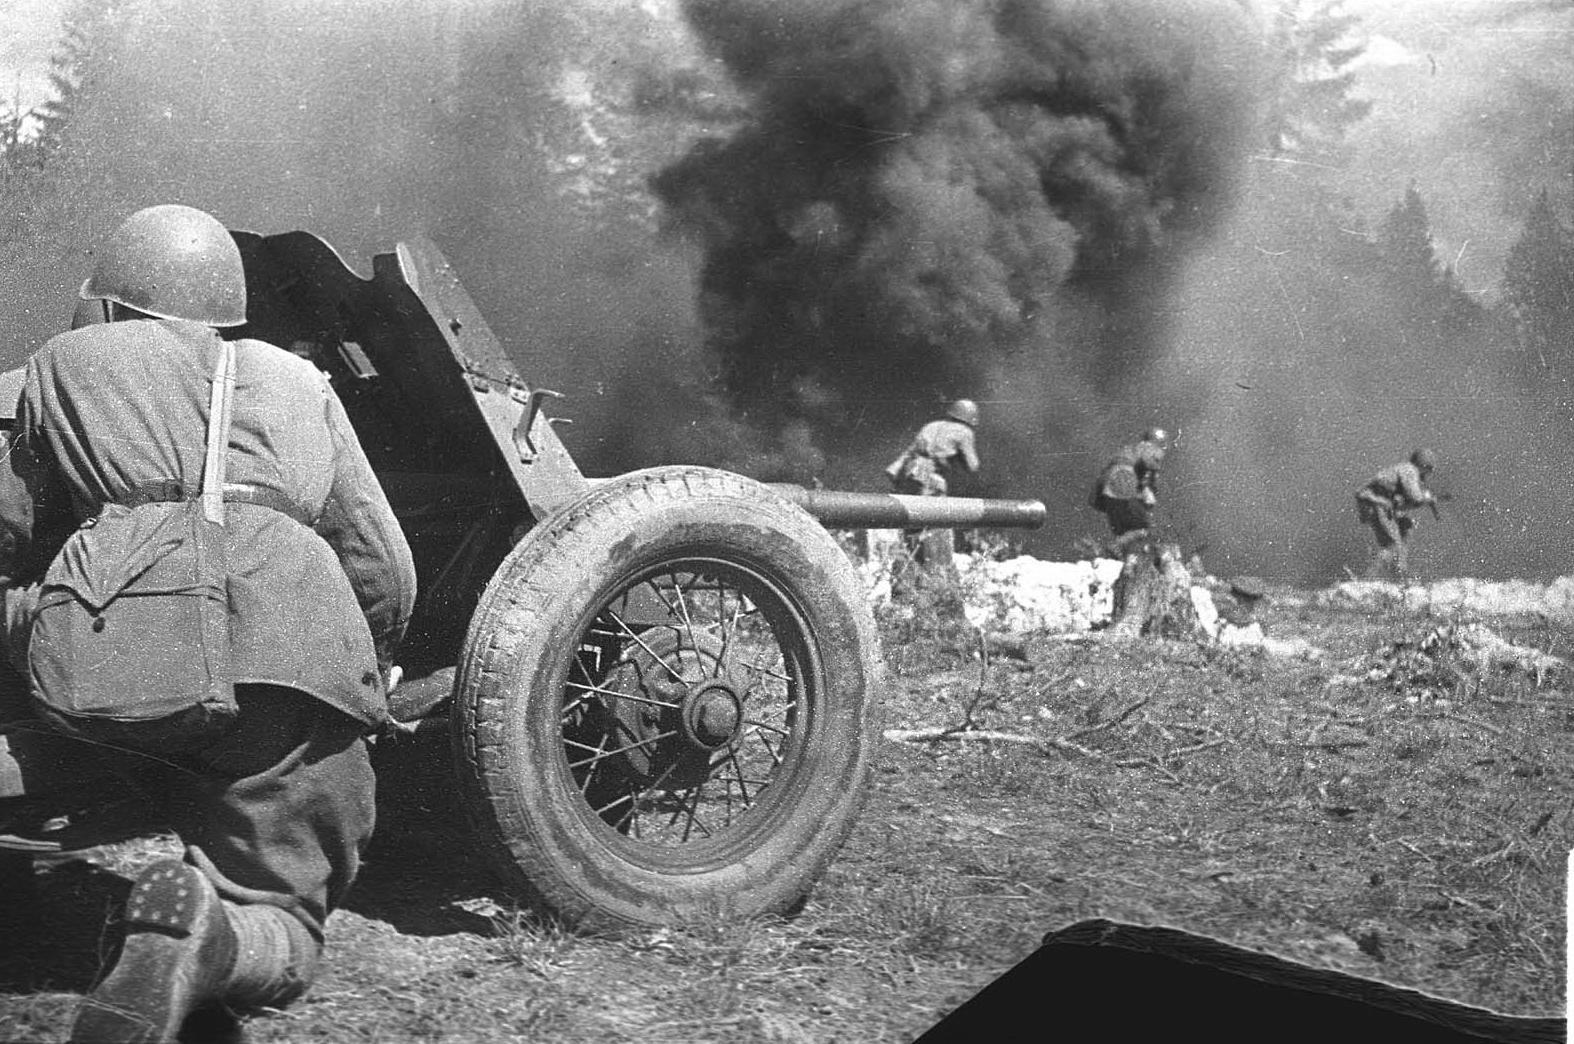 45-мм противотанковая пушка прикрывает пехоту